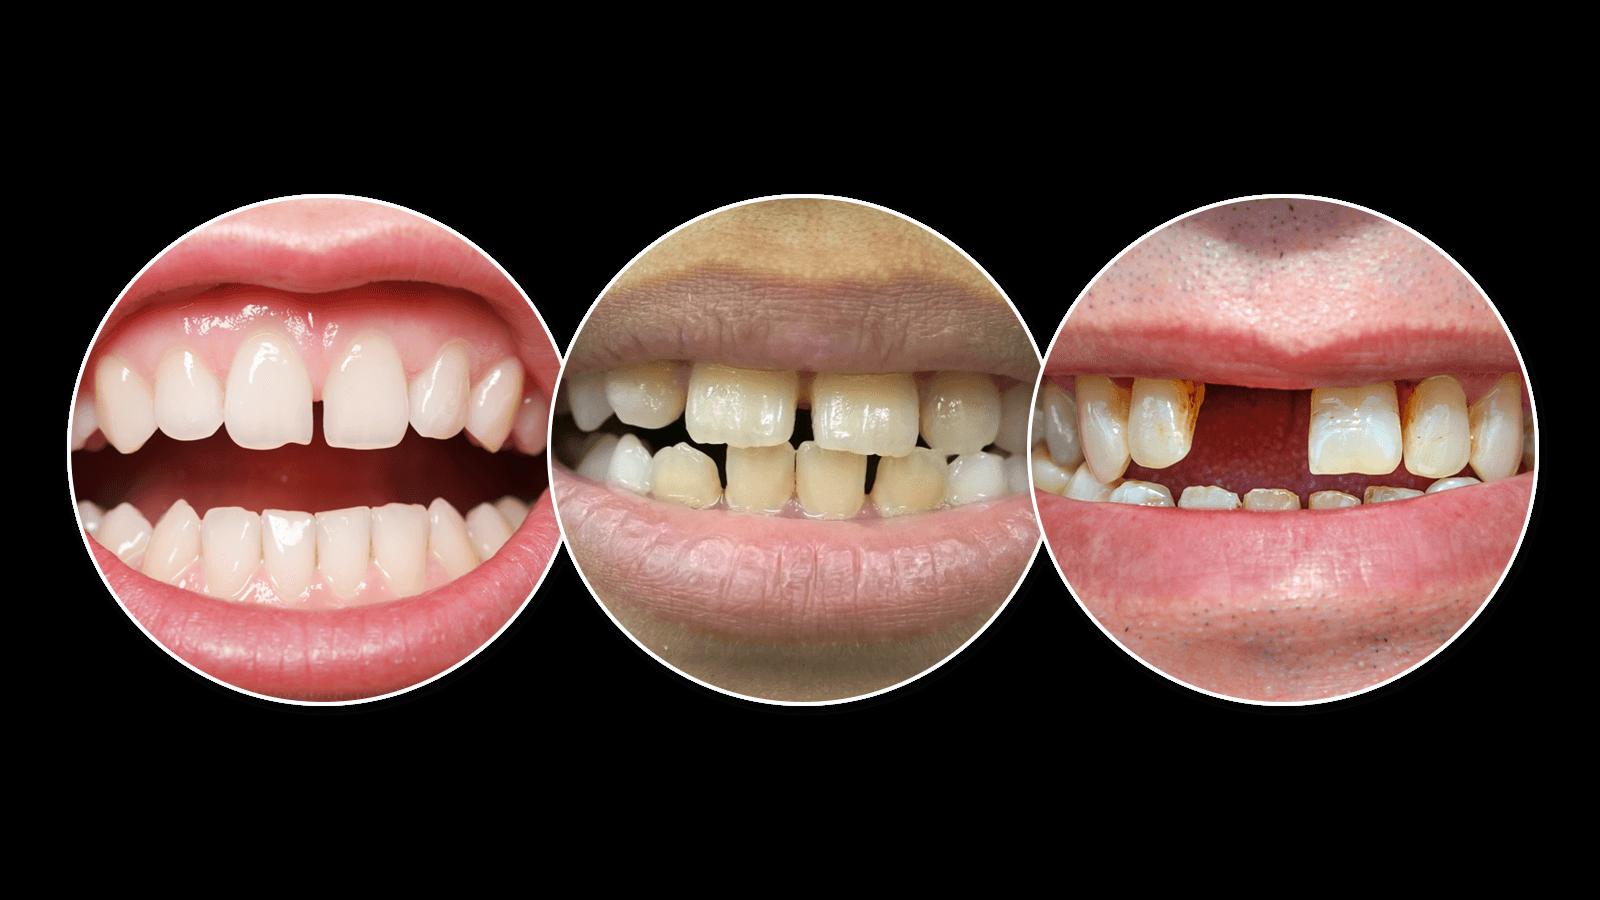 Three types of gaps between teeth